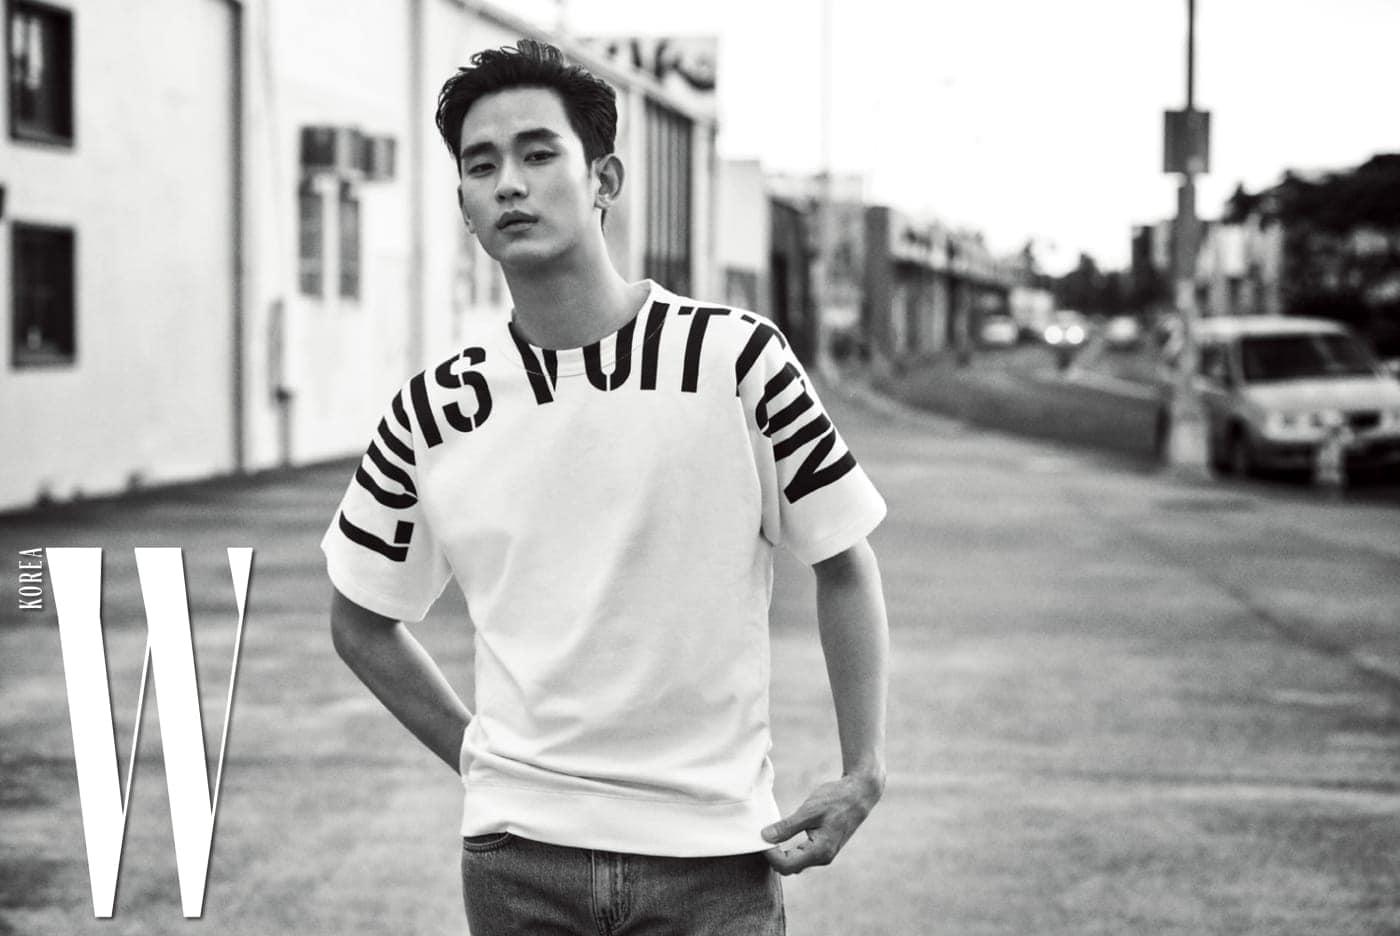 어깨 라인을 두르고 있는 그래픽 로고가 인상적인 티셔츠, 데님 팬츠는 Louis Vuitton 제품.